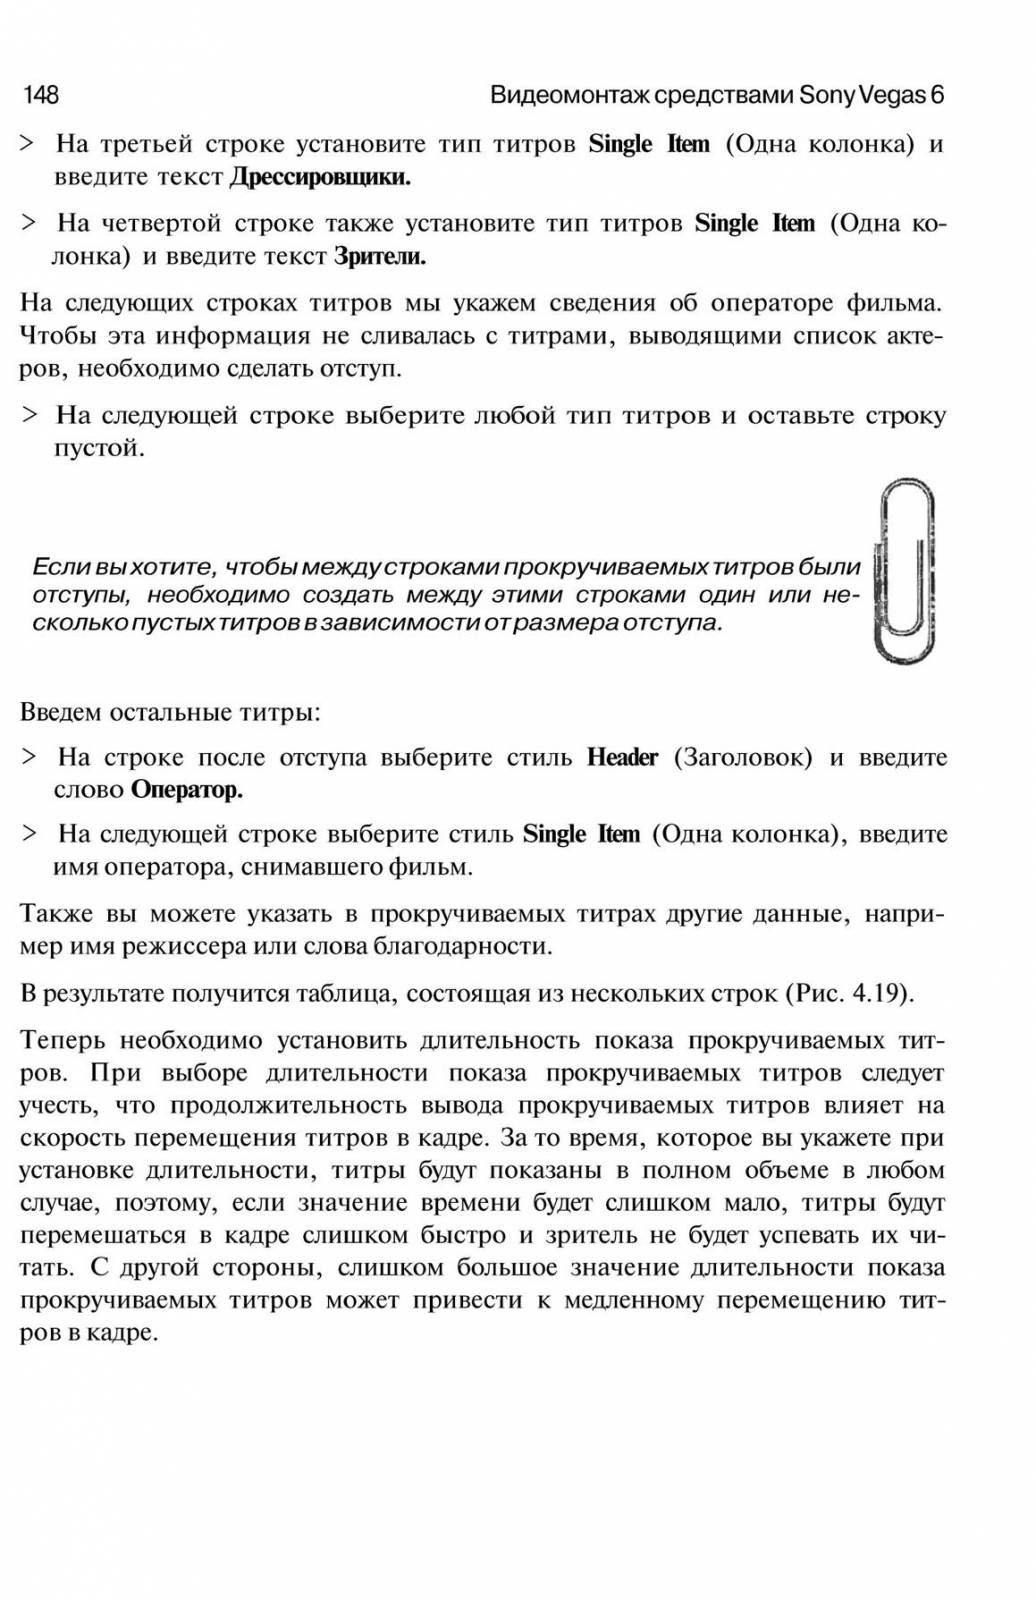 http://redaktori-uroki.3dn.ru/_ph/6/727015427.jpg